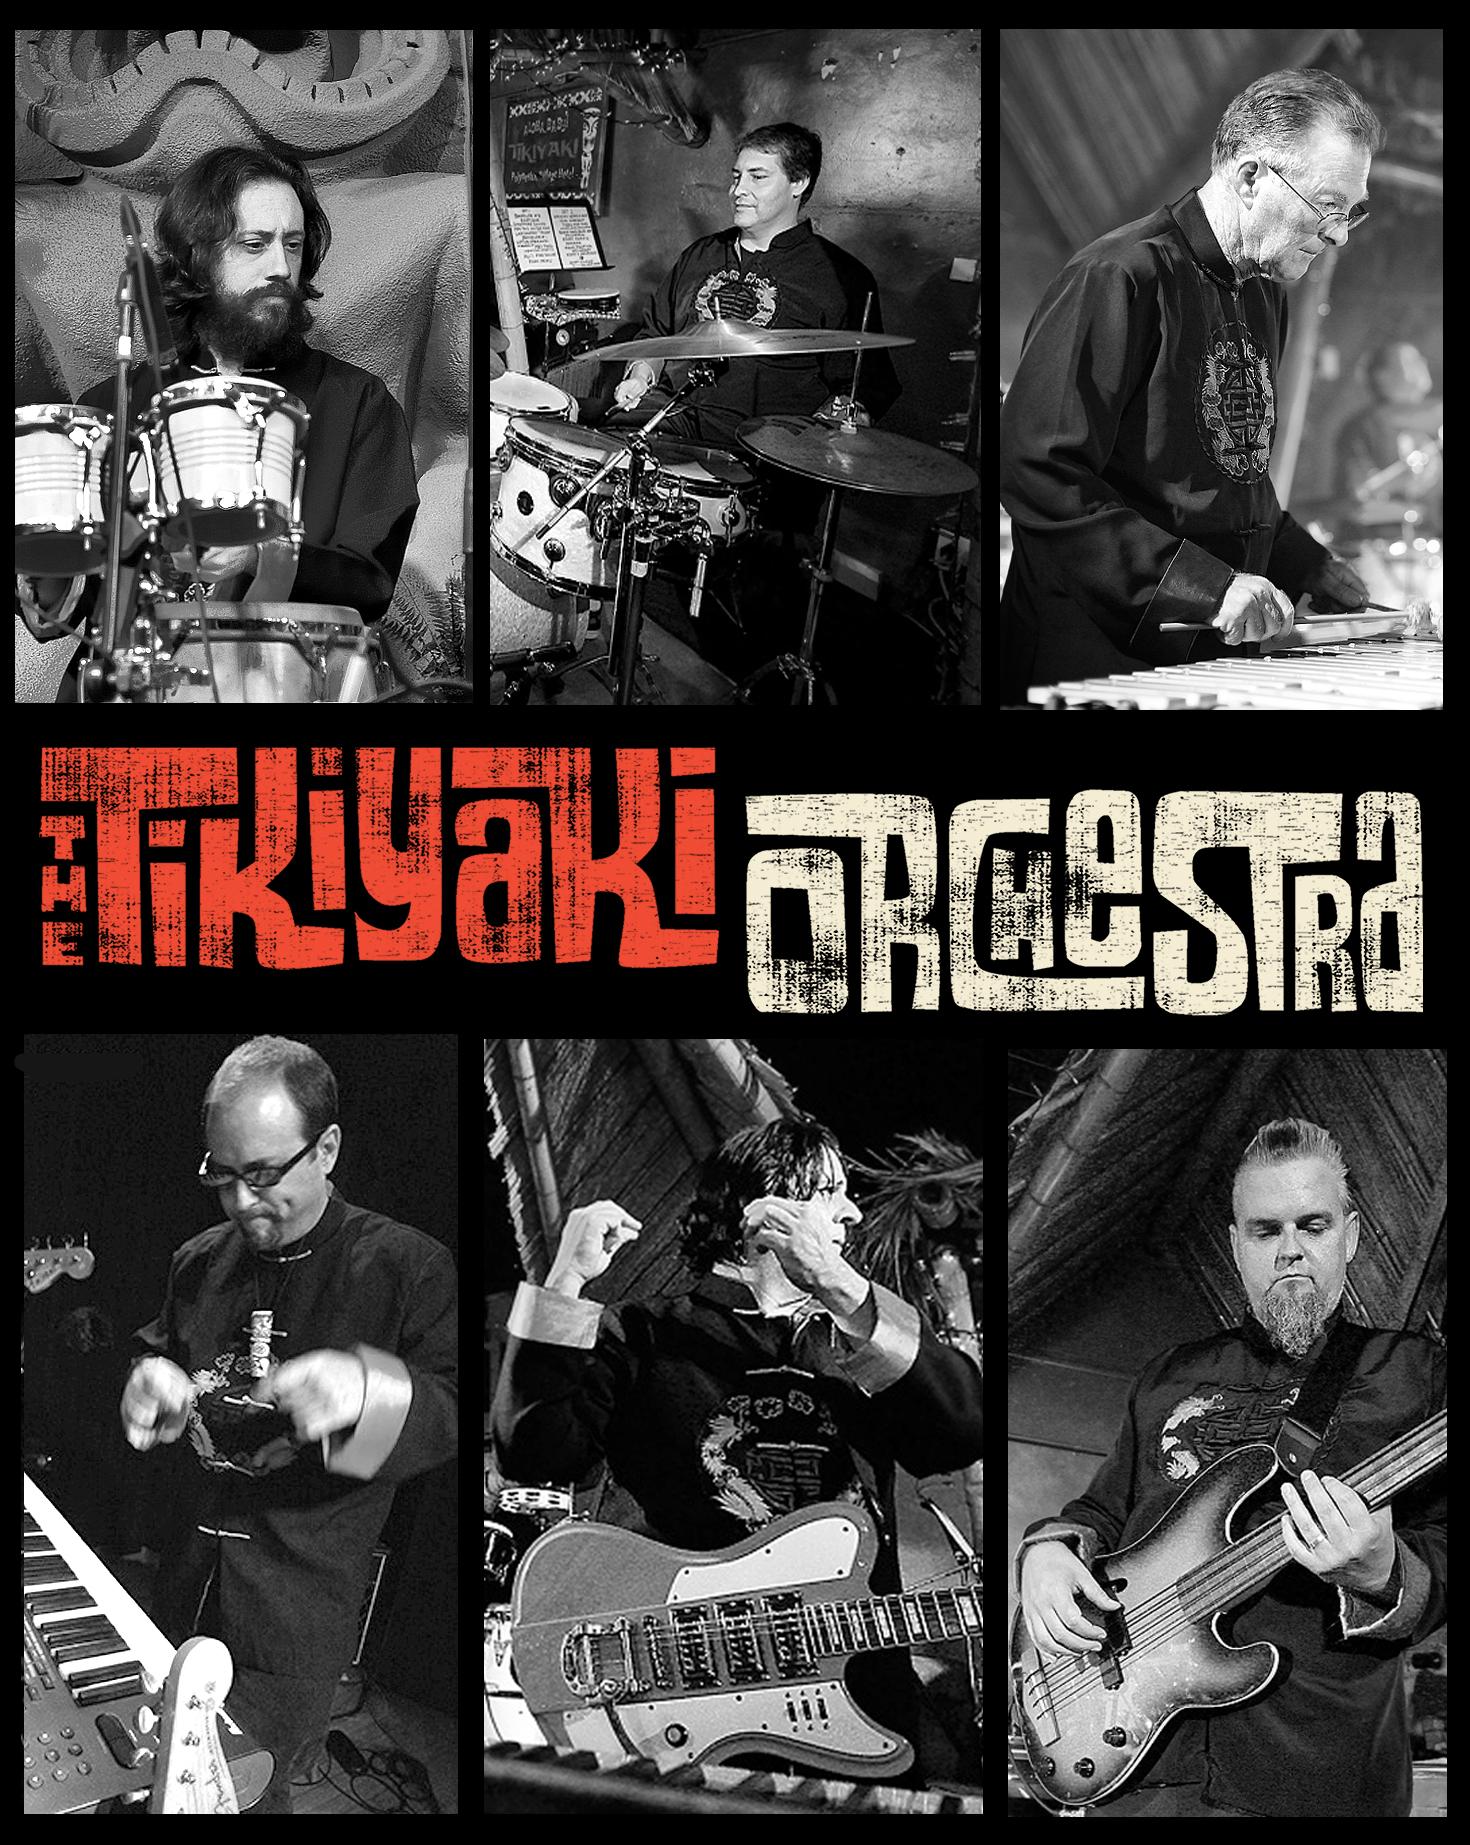 Tikiyaki Orchestra